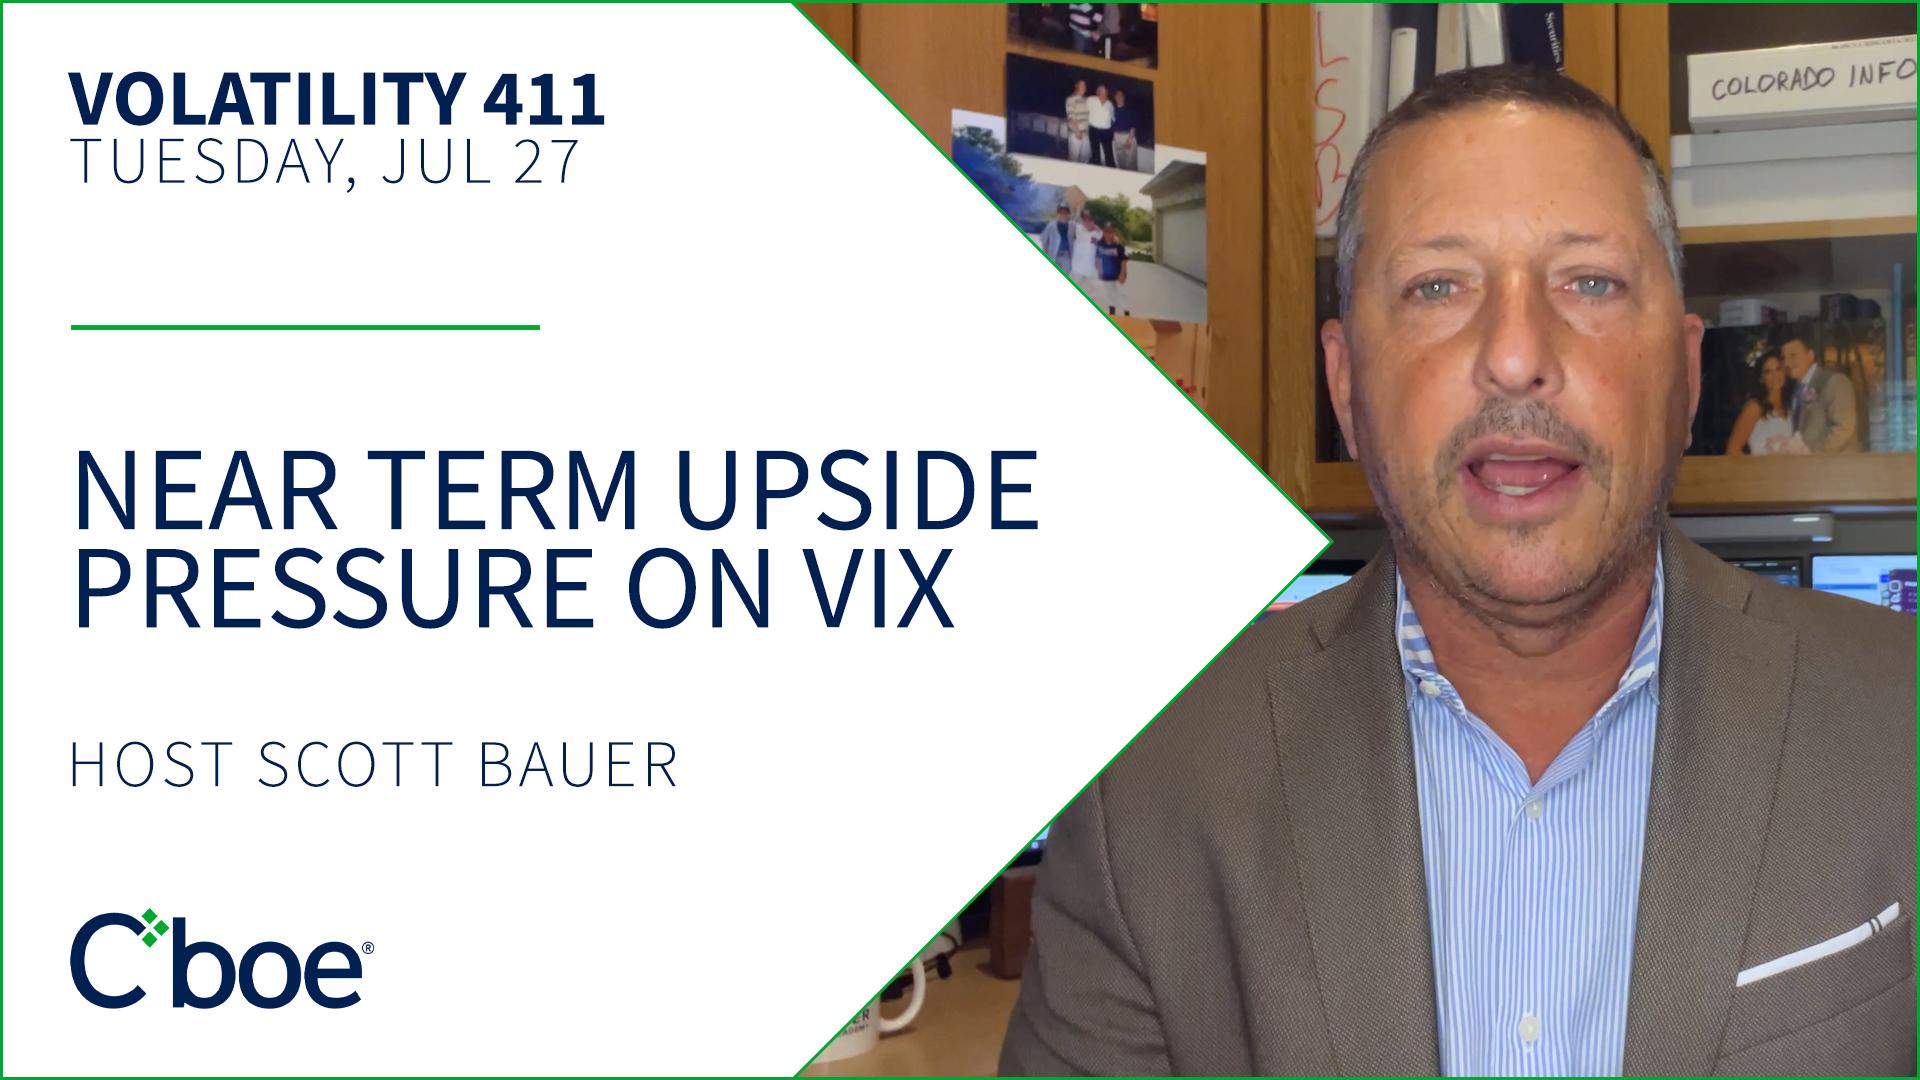 Near Term Upside Pressure on VIX Thumbnail